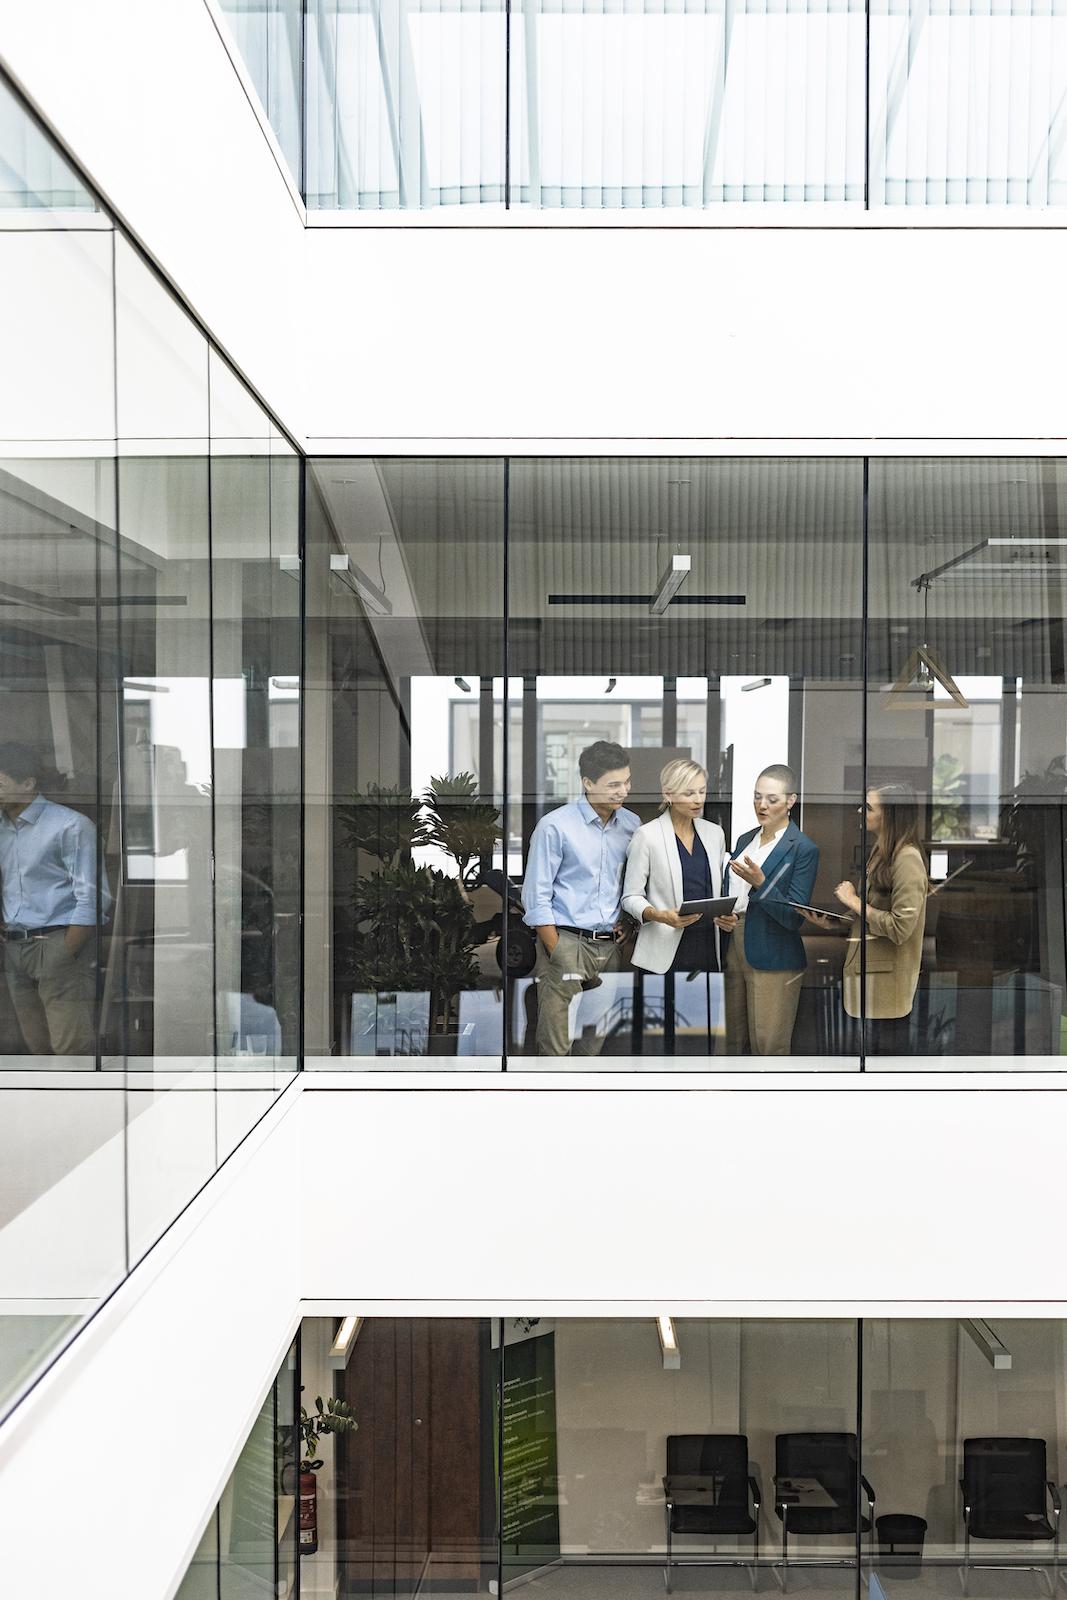 kleines spontanes Meeting an Fenster im Office mit weiblicher Führungskraft Businessstyling